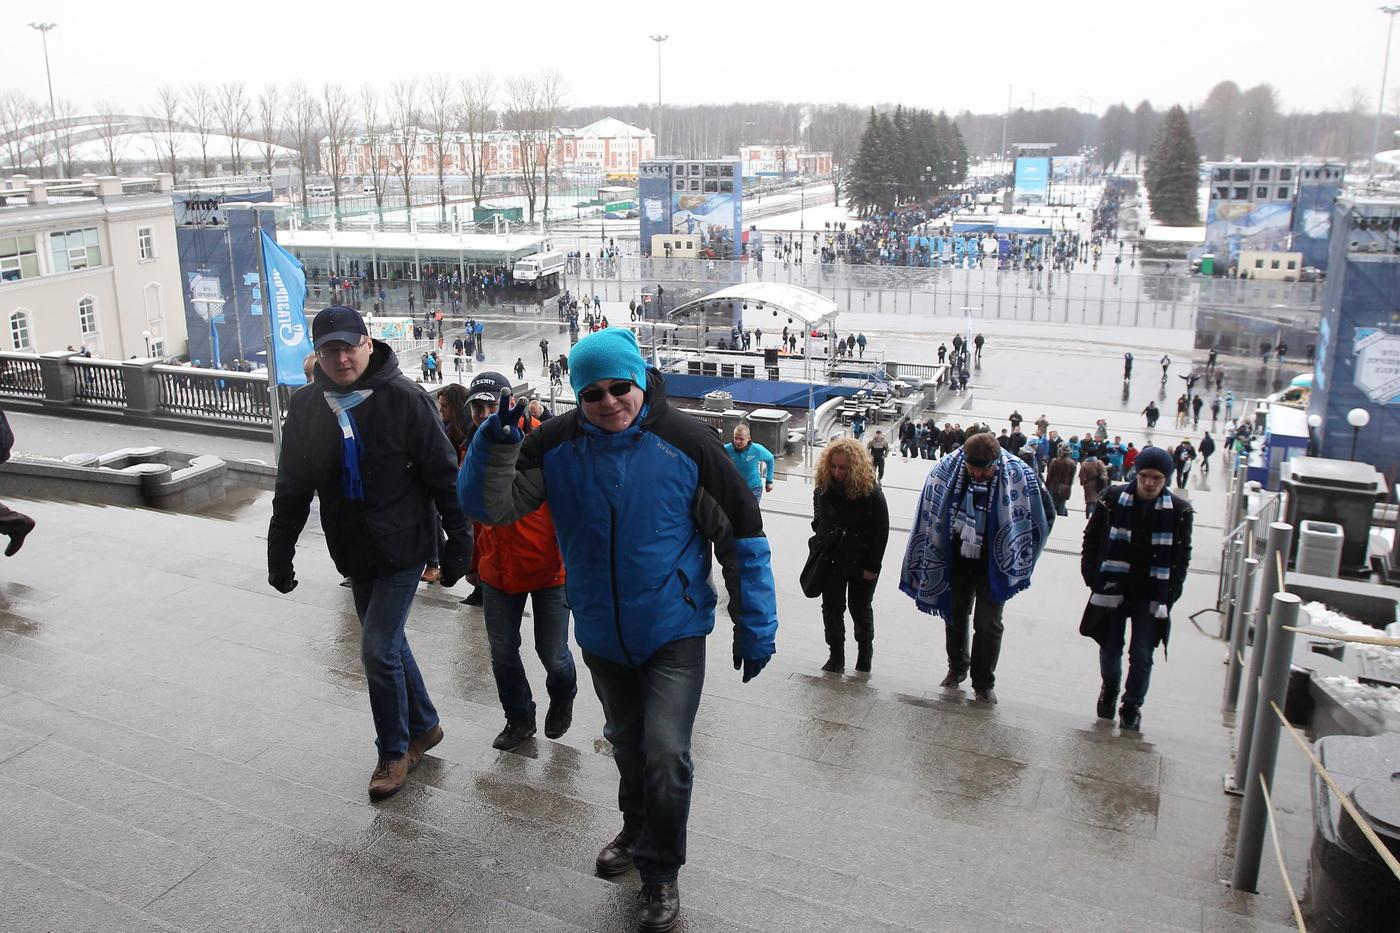 «Новокрестовская» не откроется в день матча «Зенит» — ЦСКА. Но это не проблема - фото